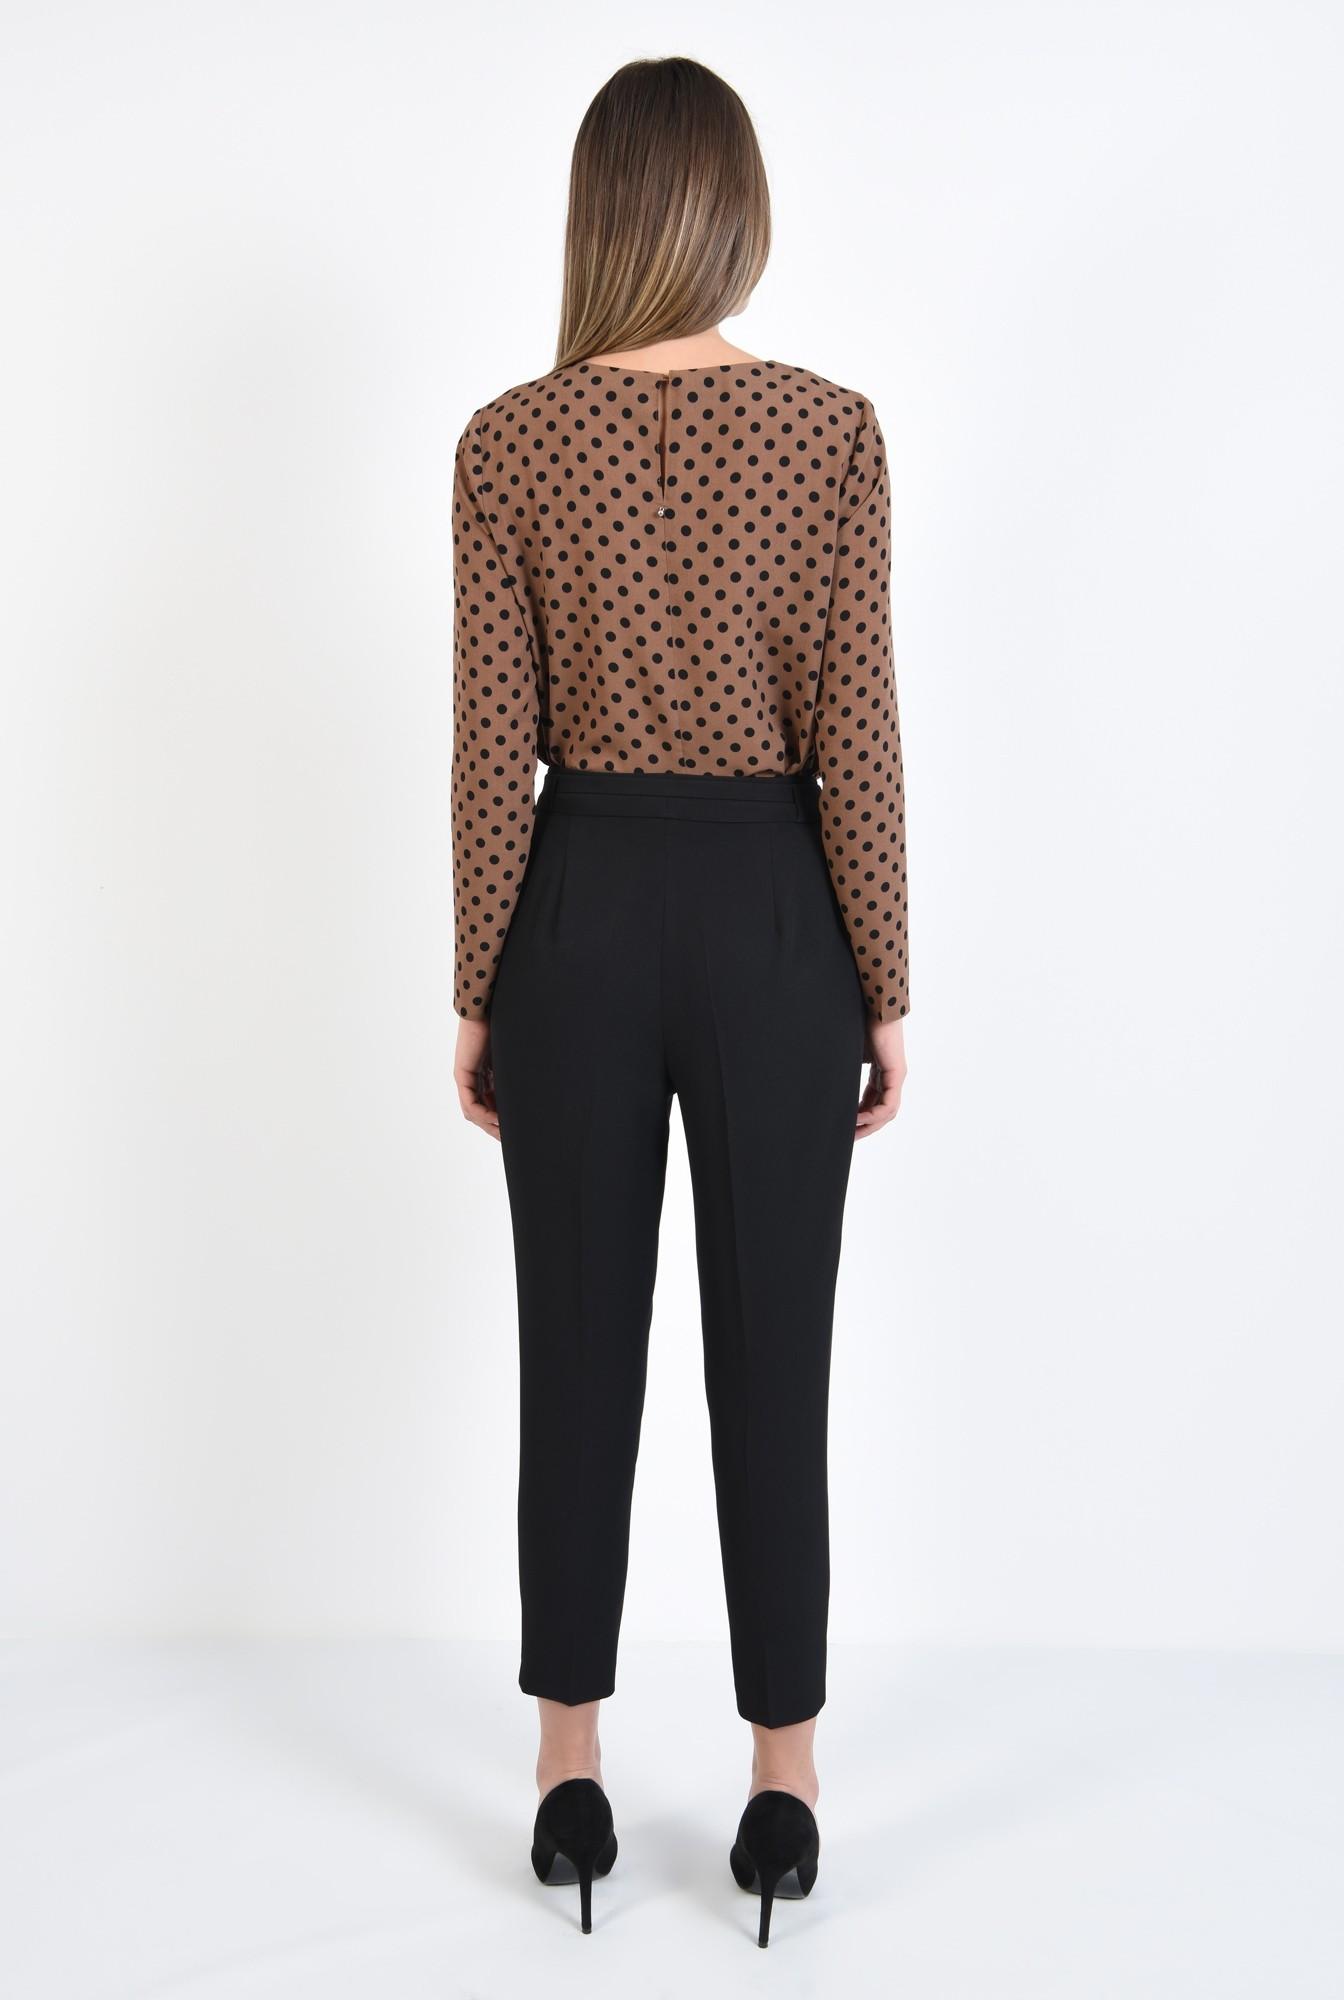 0 - 360 - bluza cu imprimeu, maro cu buline negre, maneci drepte